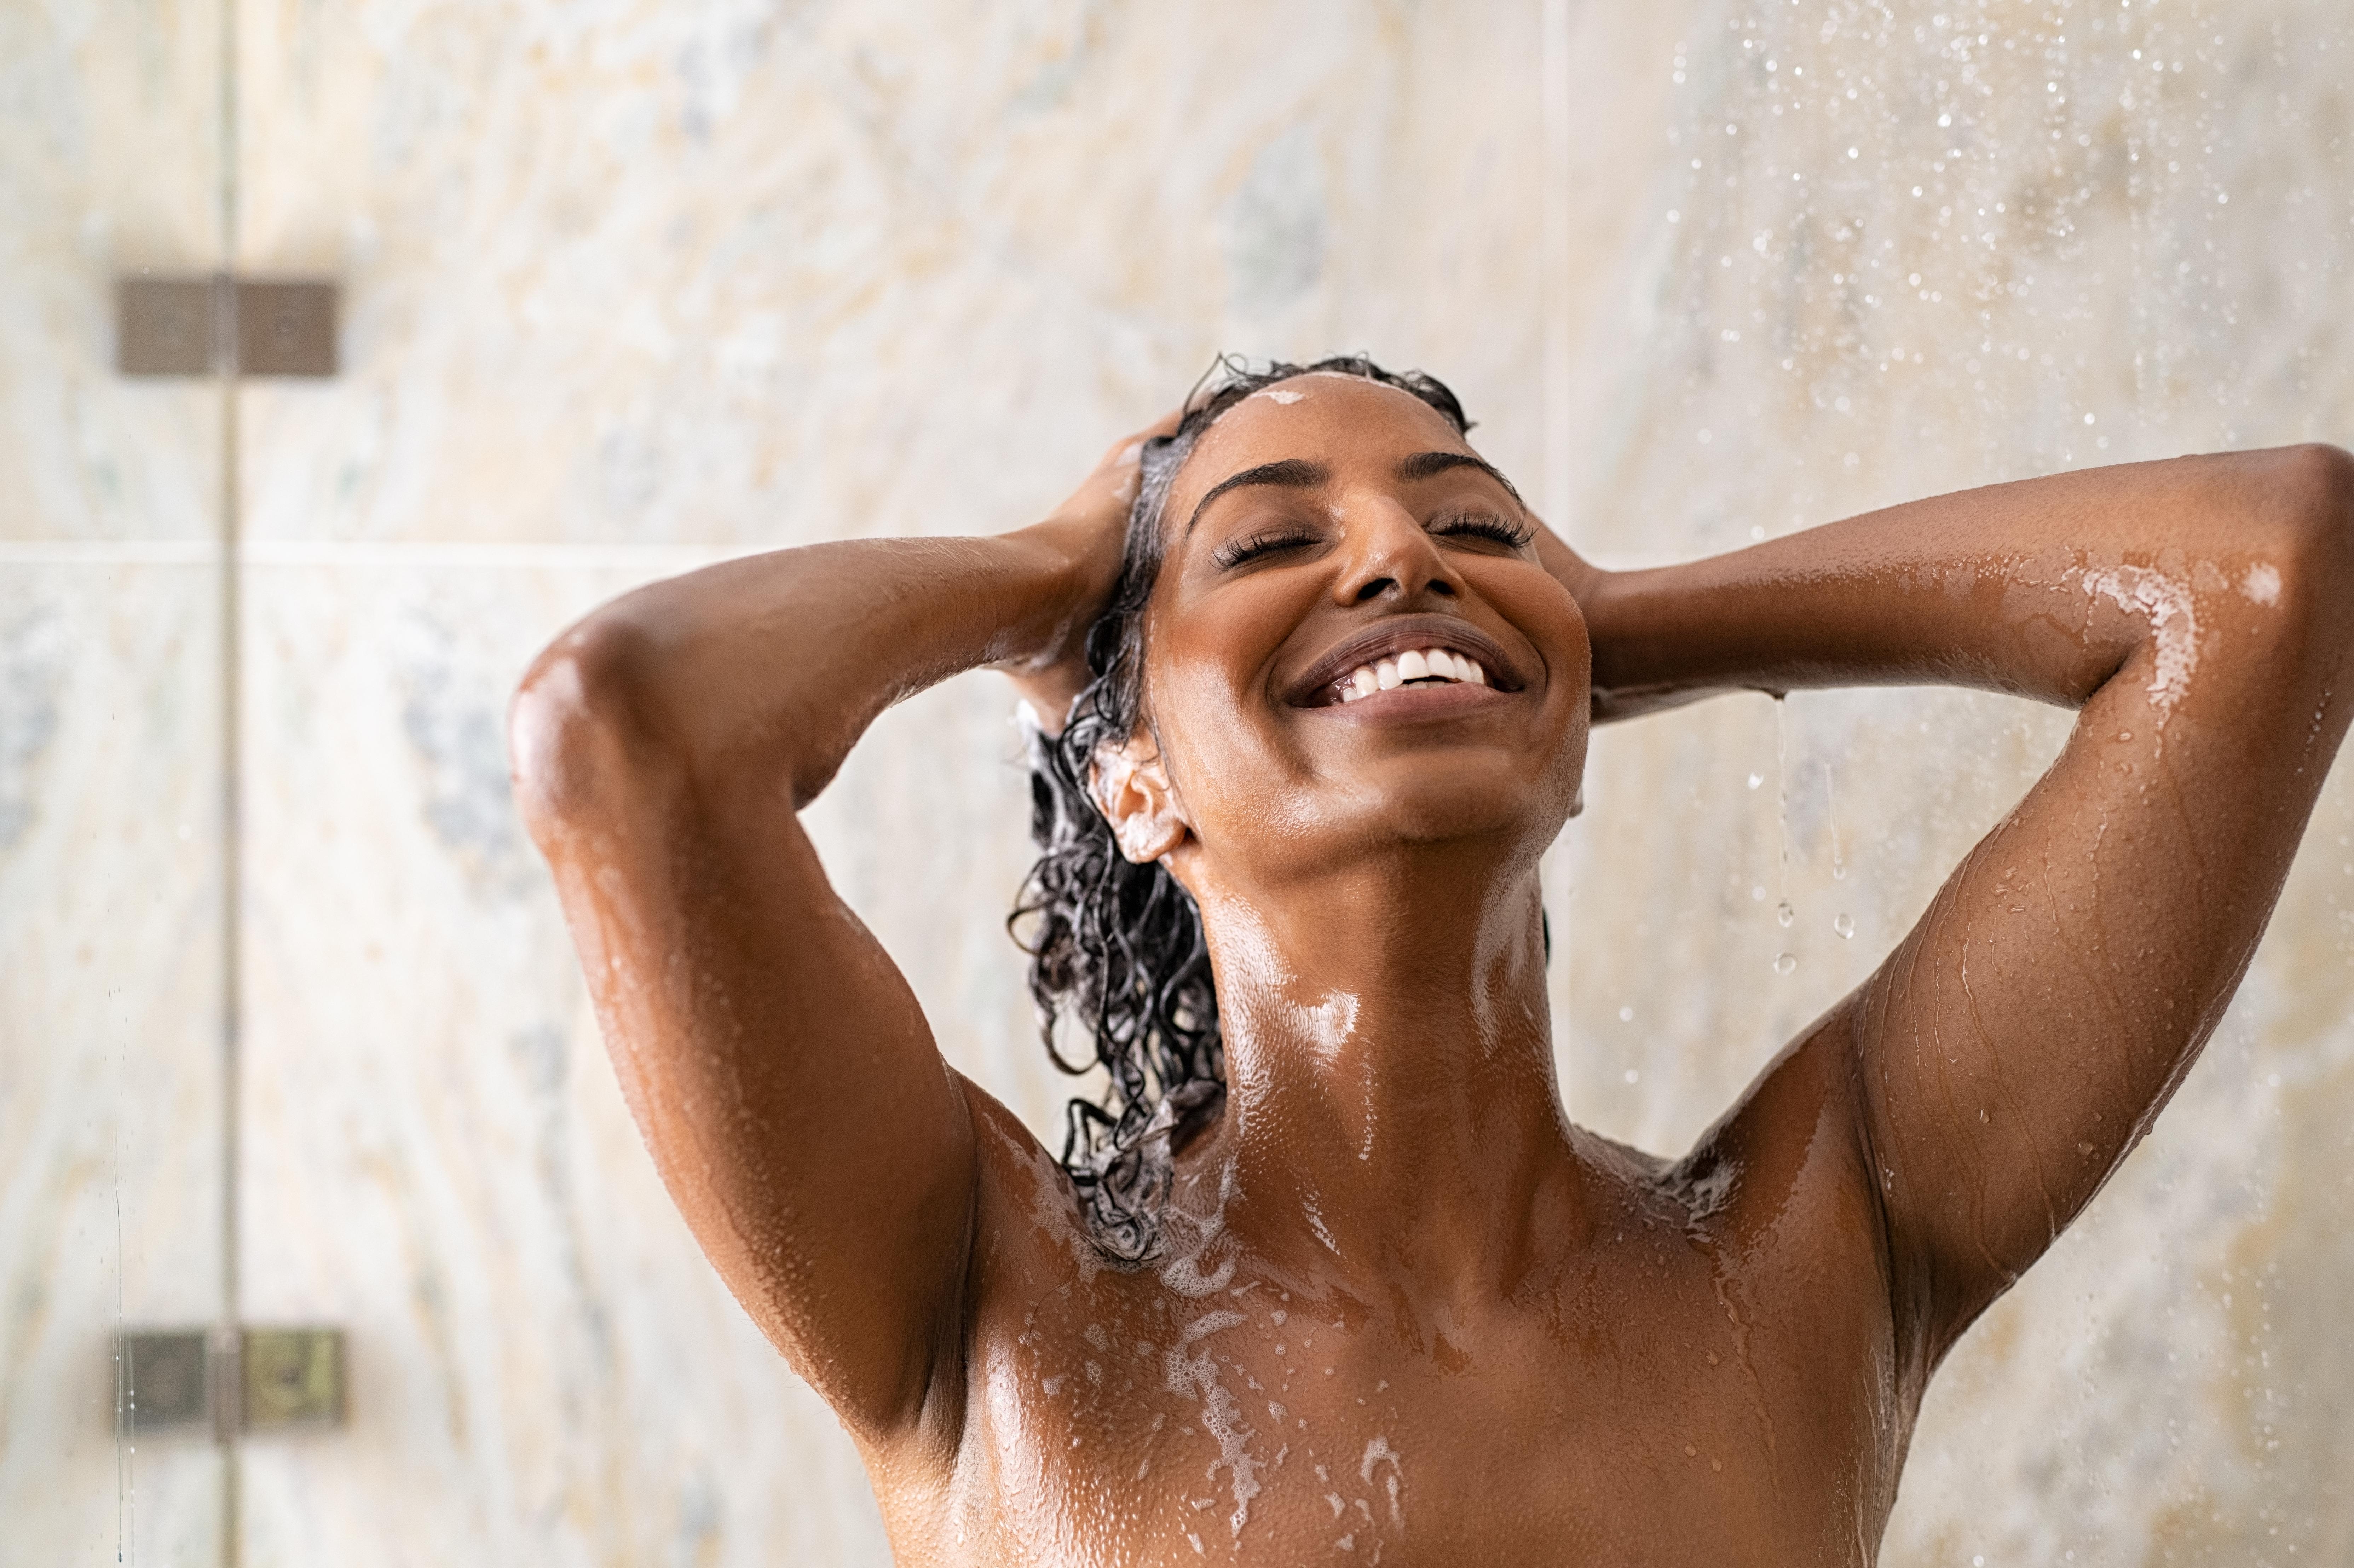 <p><strong>Повече енергия</strong></p>  <p>Ако искате да се събуждате енергични и ободрени всяка сутрин, взимайте студен душ за няколко секунди. Правете го след като сте взели горещ. Редуването на топла и студена струя стимулира освобождаването на норадреналин от симпатиковата нервна система. Той е невротрансмитер, който активира центрове в мозъка, повишаващи енергията и бдителността.</p>